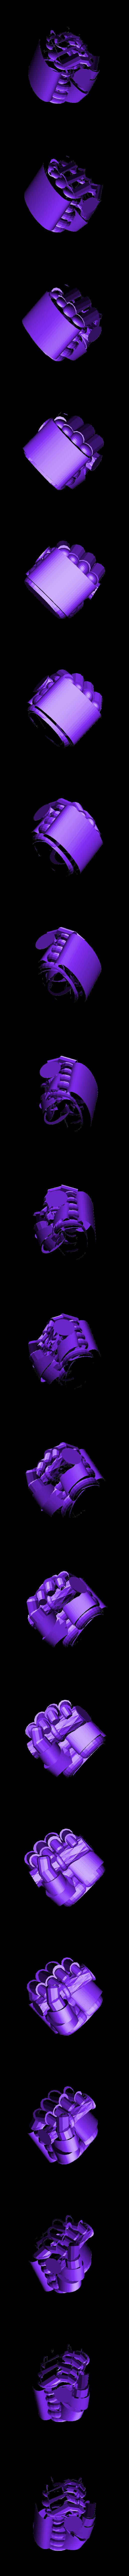 Hand L.stl Télécharger fichier STL gratuit L'équipe des Chevaliers gris Primaris • Modèle pour imprimante 3D, joeldawson93